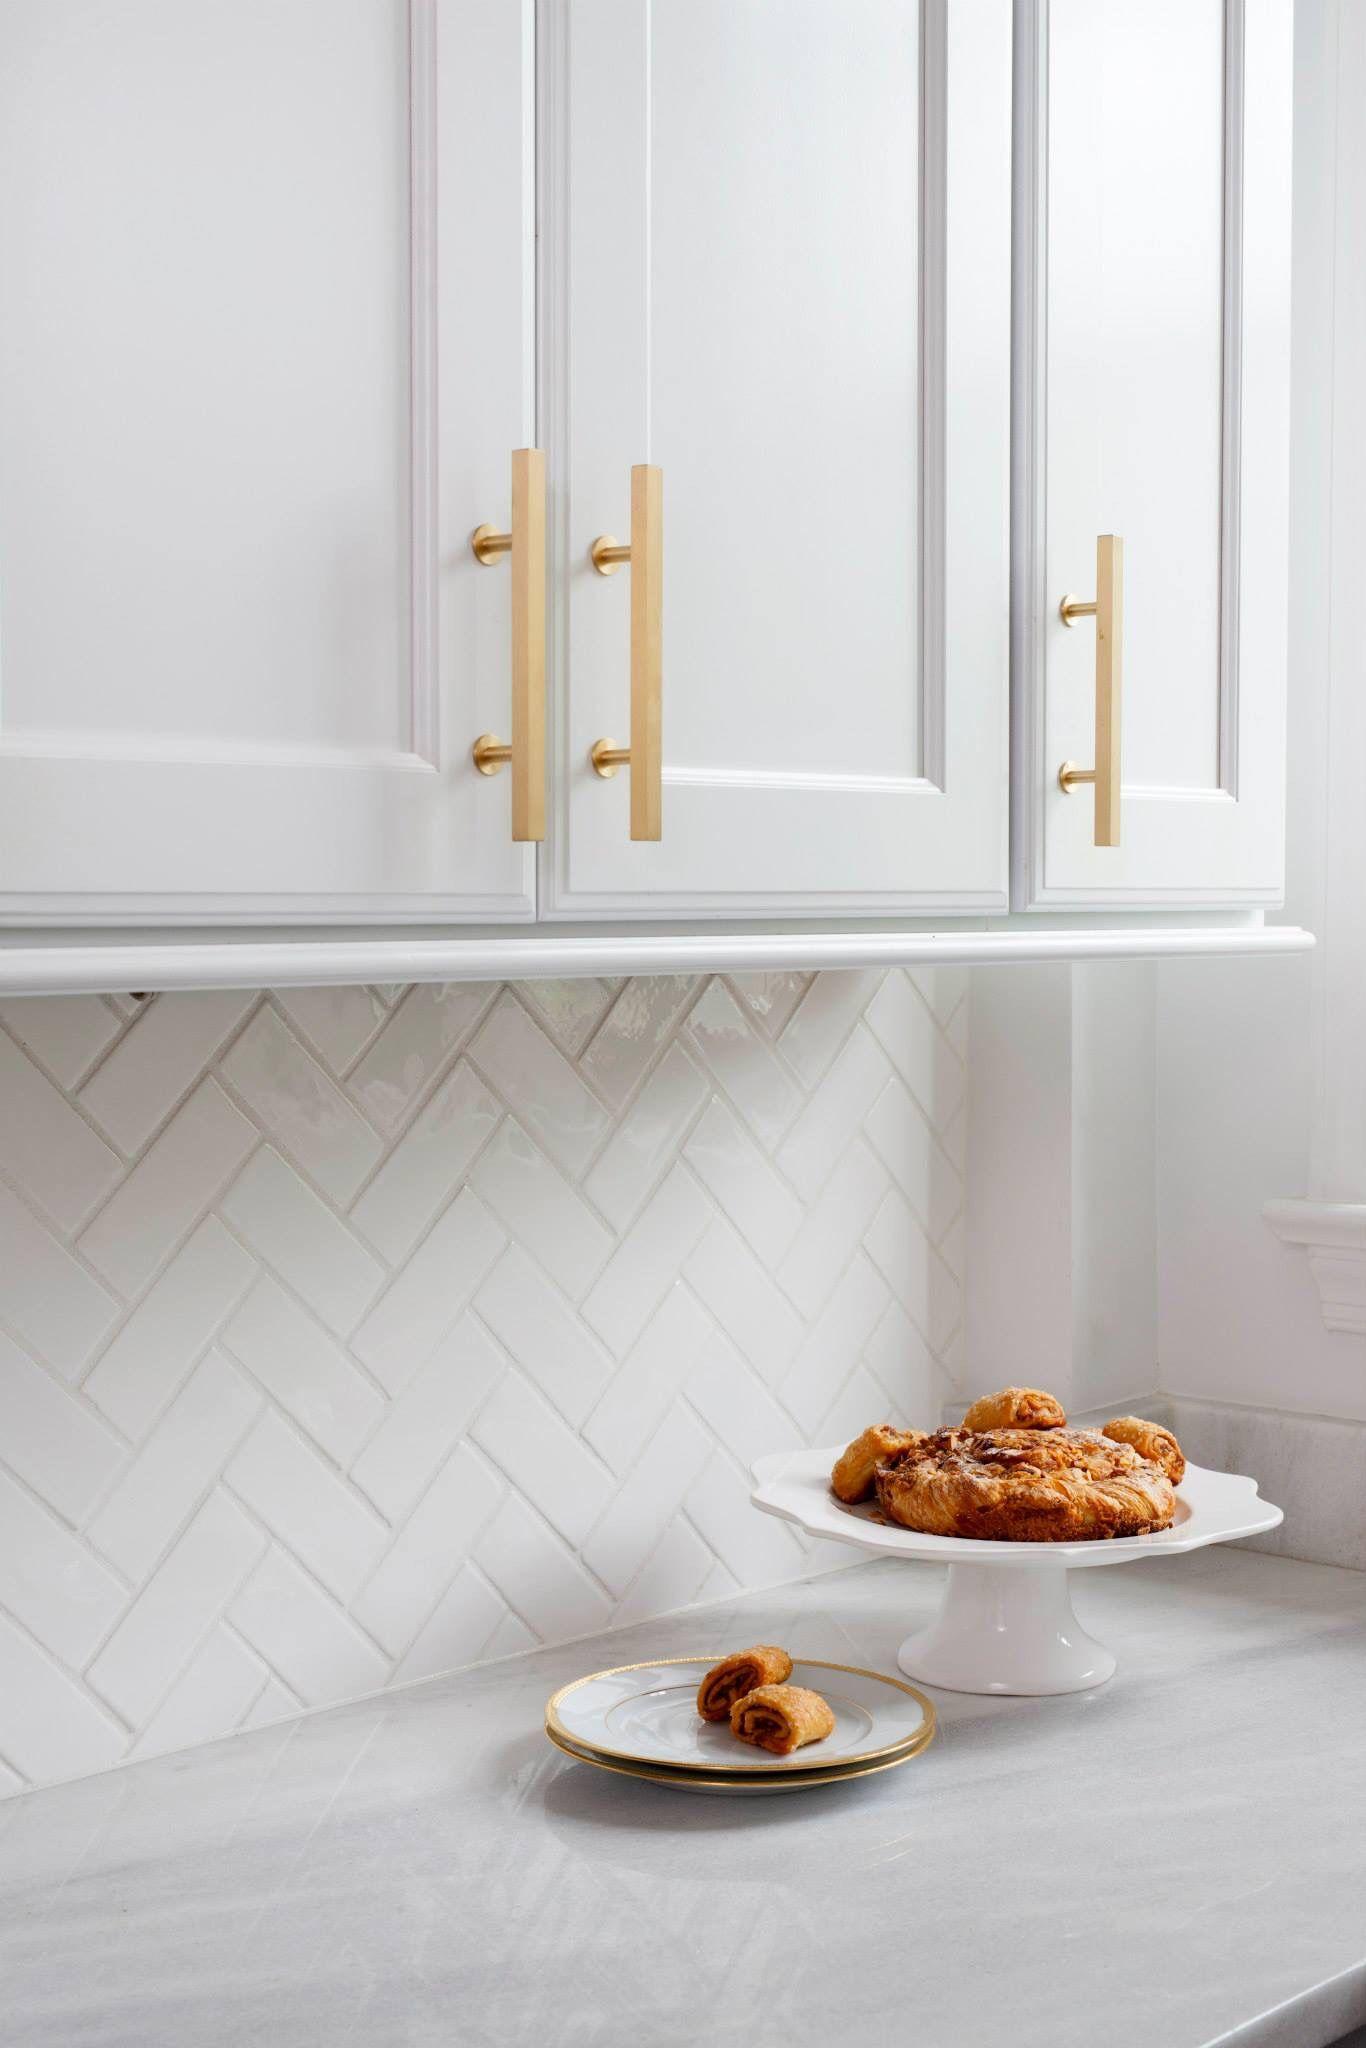 Herringbone Backsplash With High Gloss White Subway Tile Lew